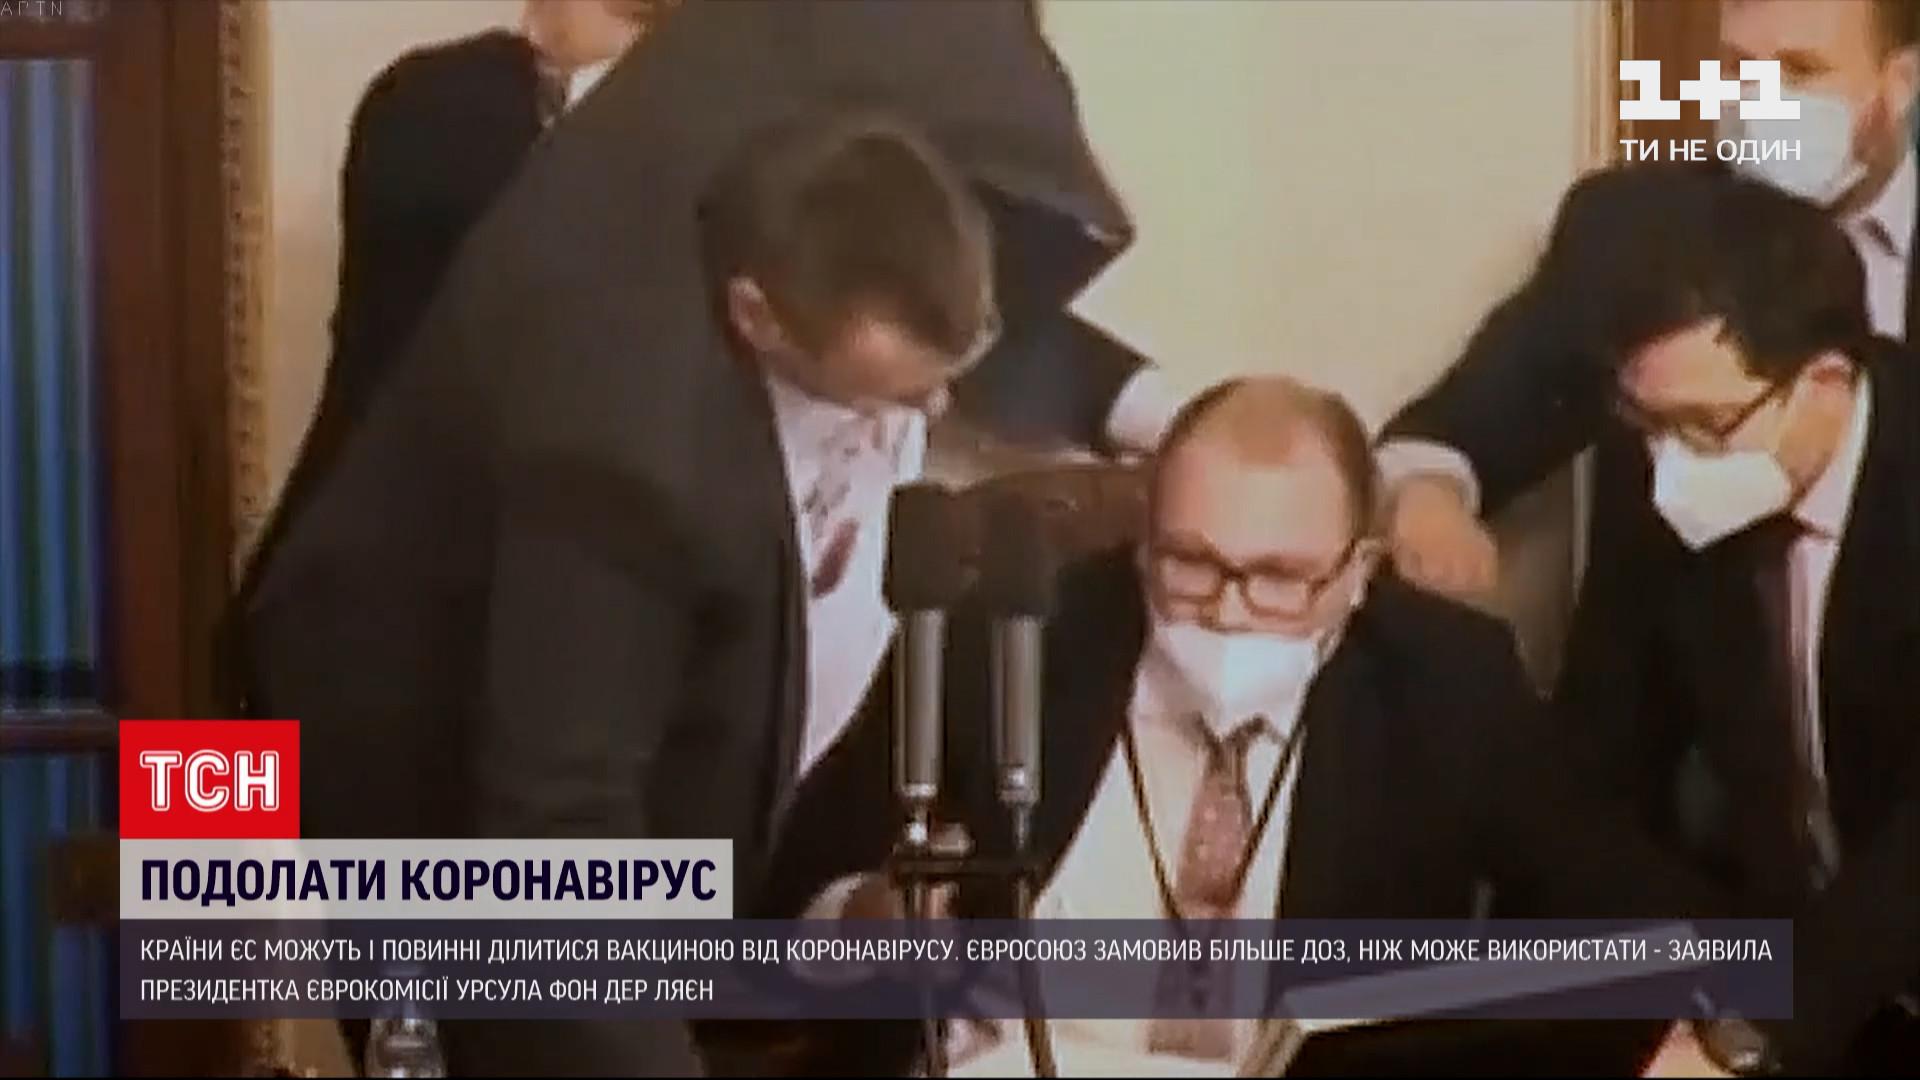 Один из депутатов не только проигнорировал требование носить маску, но и начал оскорблять коллег / скриншот из видео